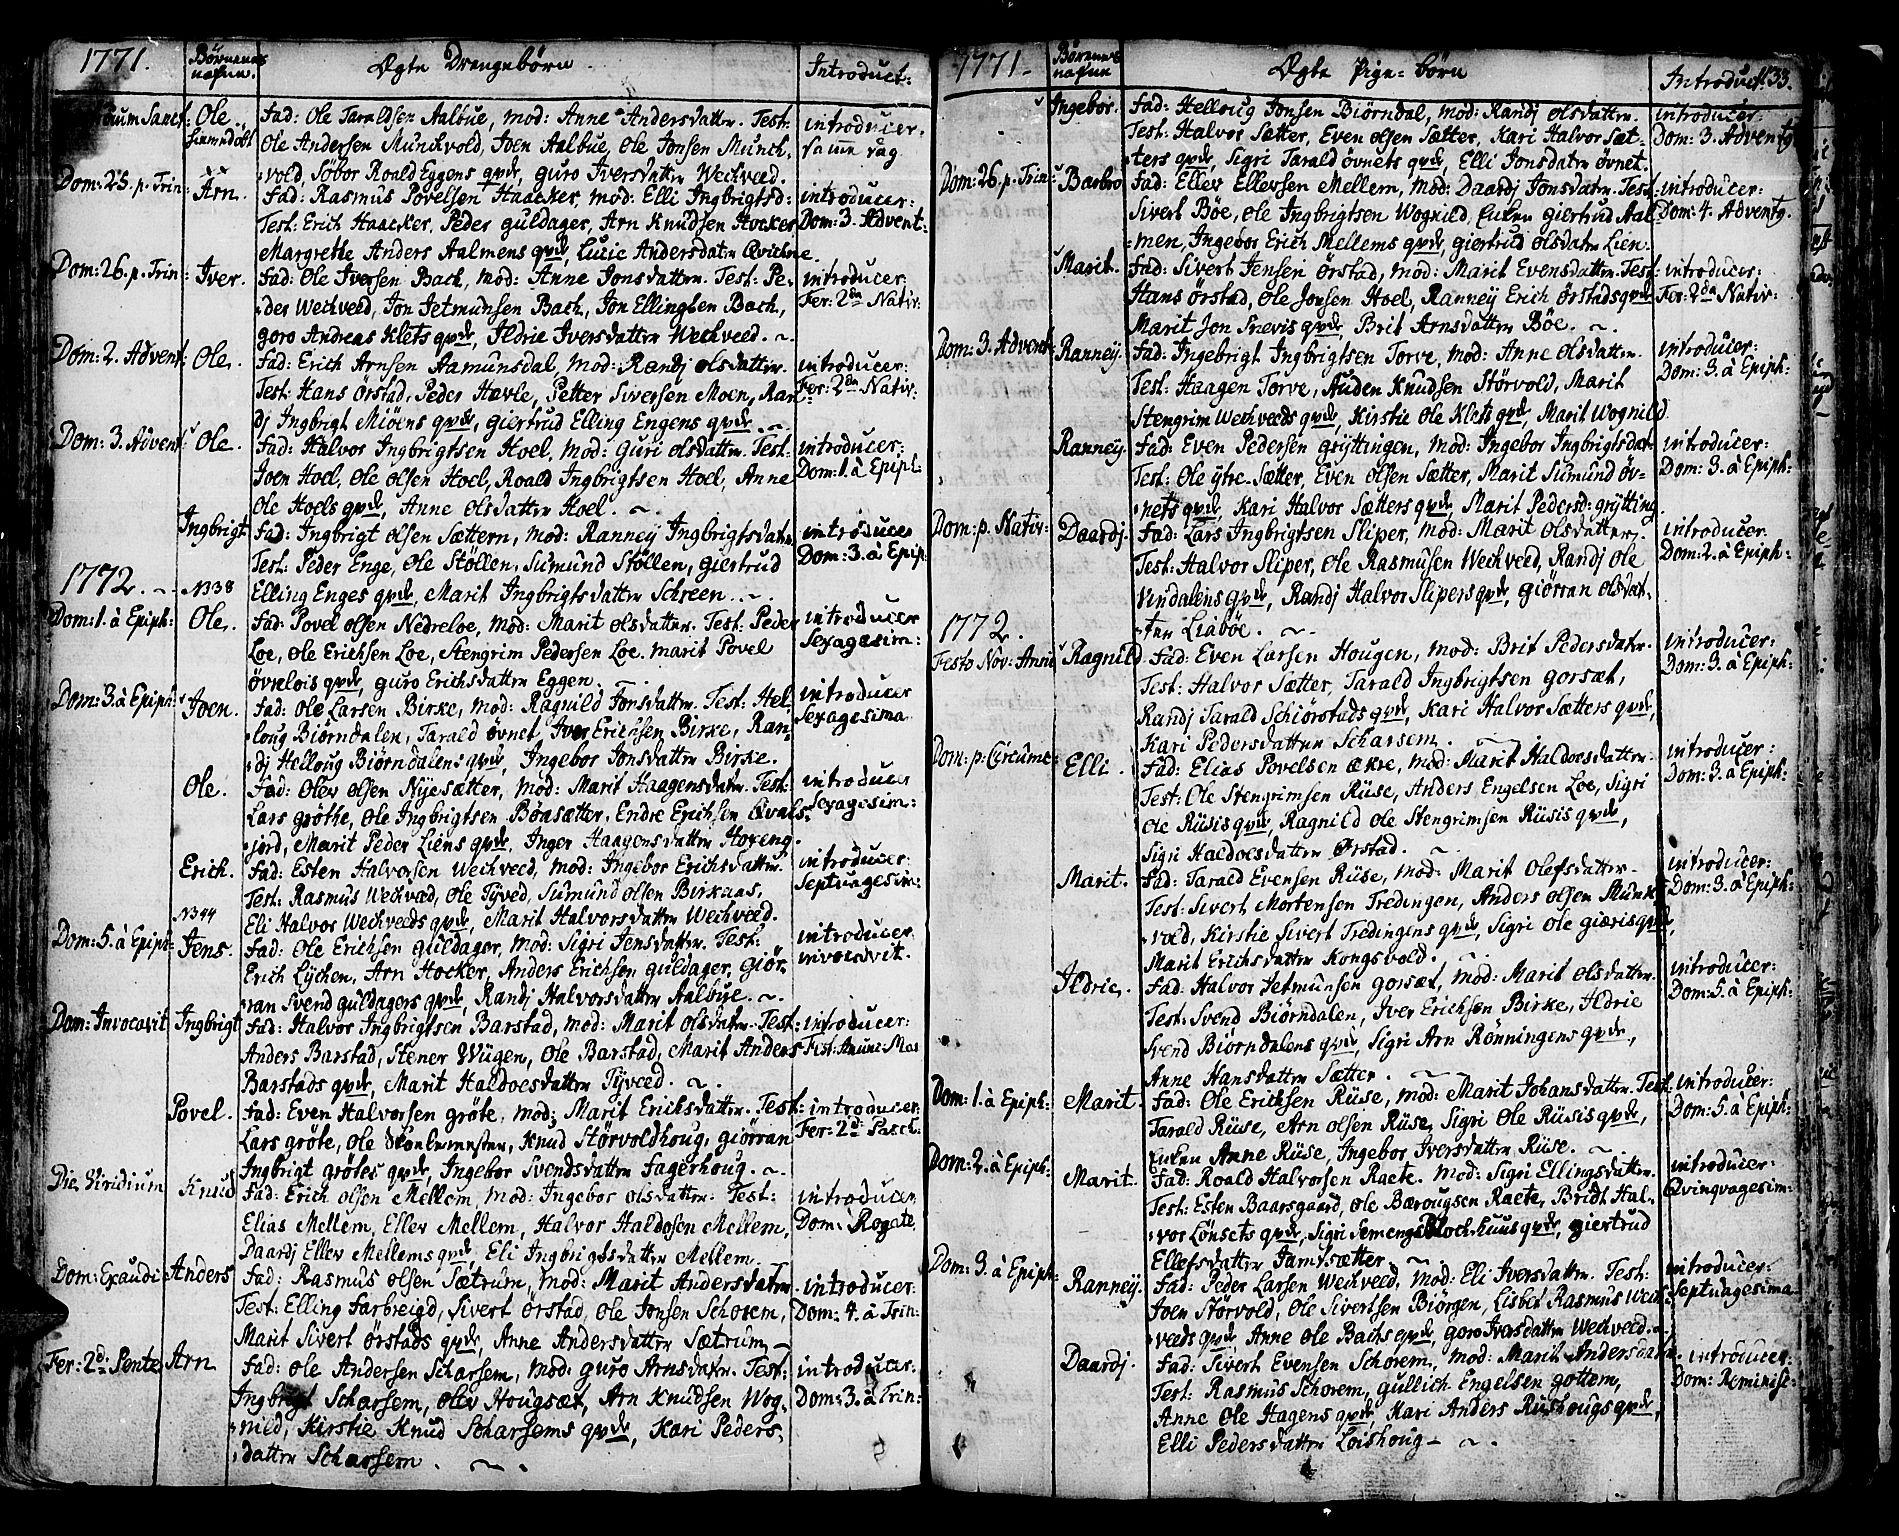 SAT, Ministerialprotokoller, klokkerbøker og fødselsregistre - Sør-Trøndelag, 678/L0891: Ministerialbok nr. 678A01, 1739-1780, s. 133